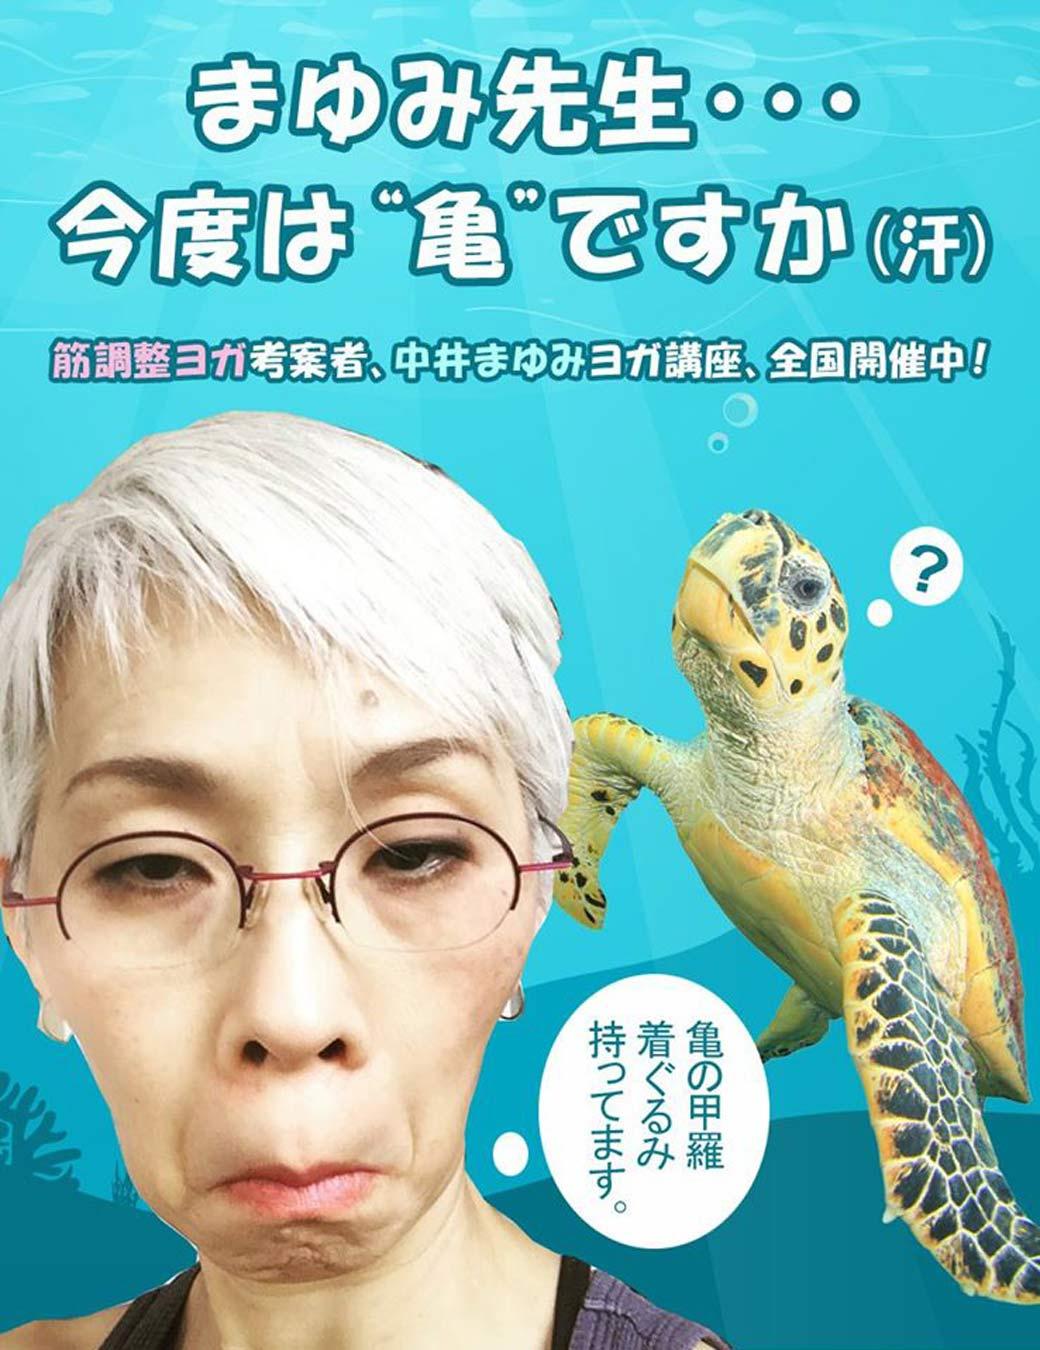 中井まゆみ先生のコラージュ画像